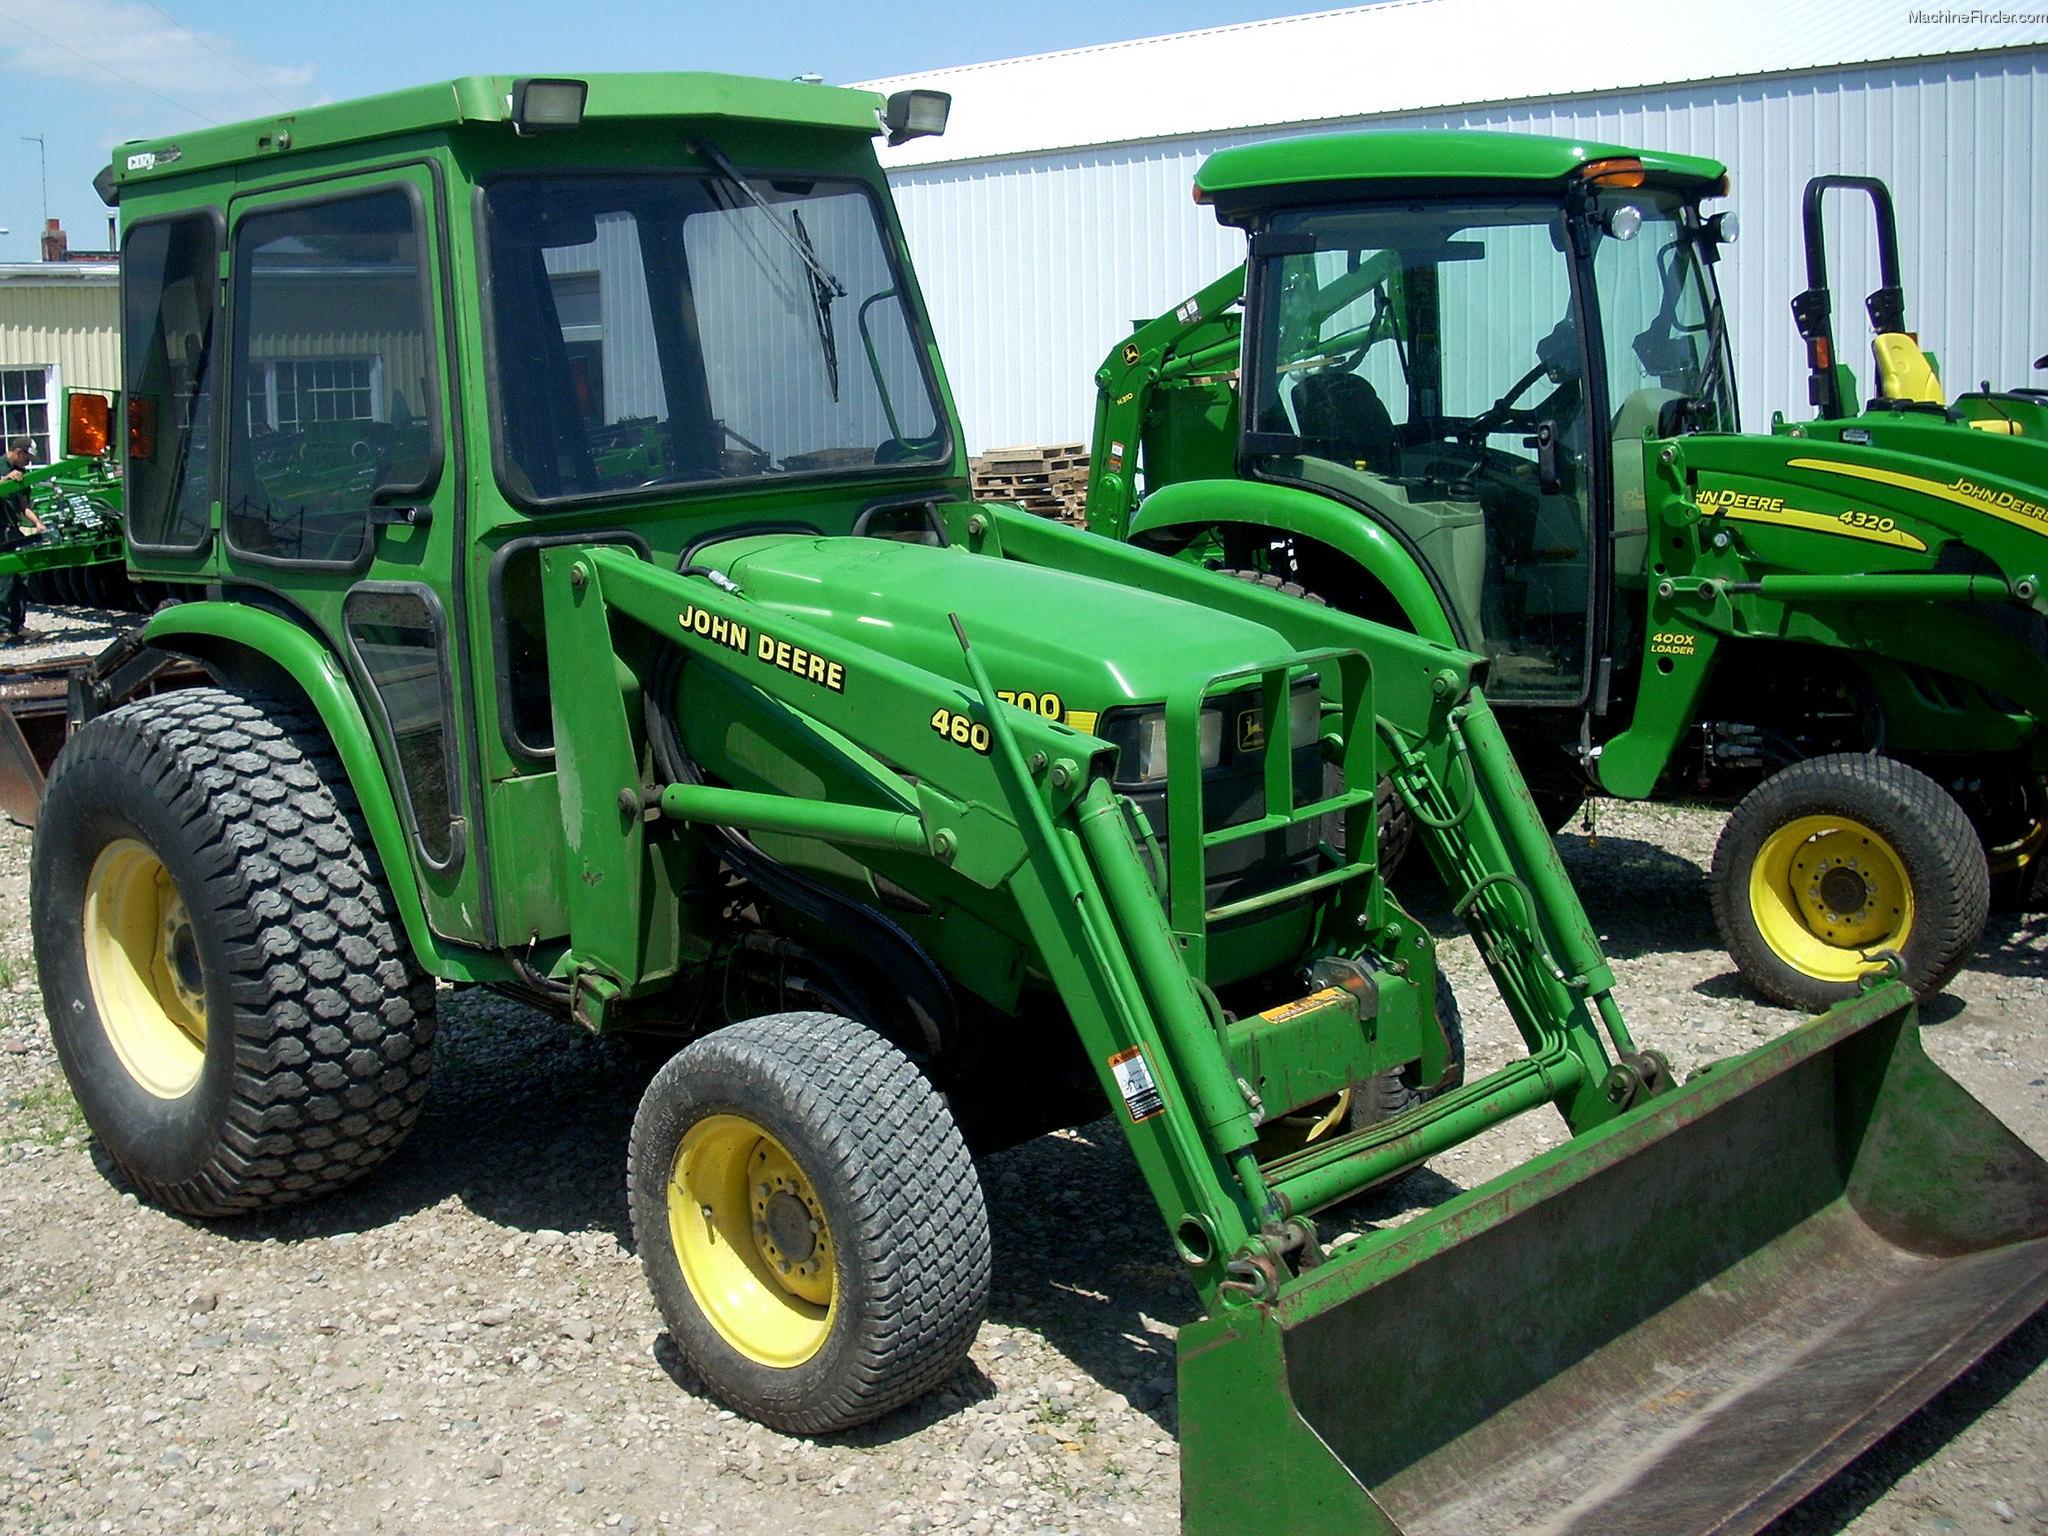 2000 John Deere 4700 Tractors - Utility  40-100hp